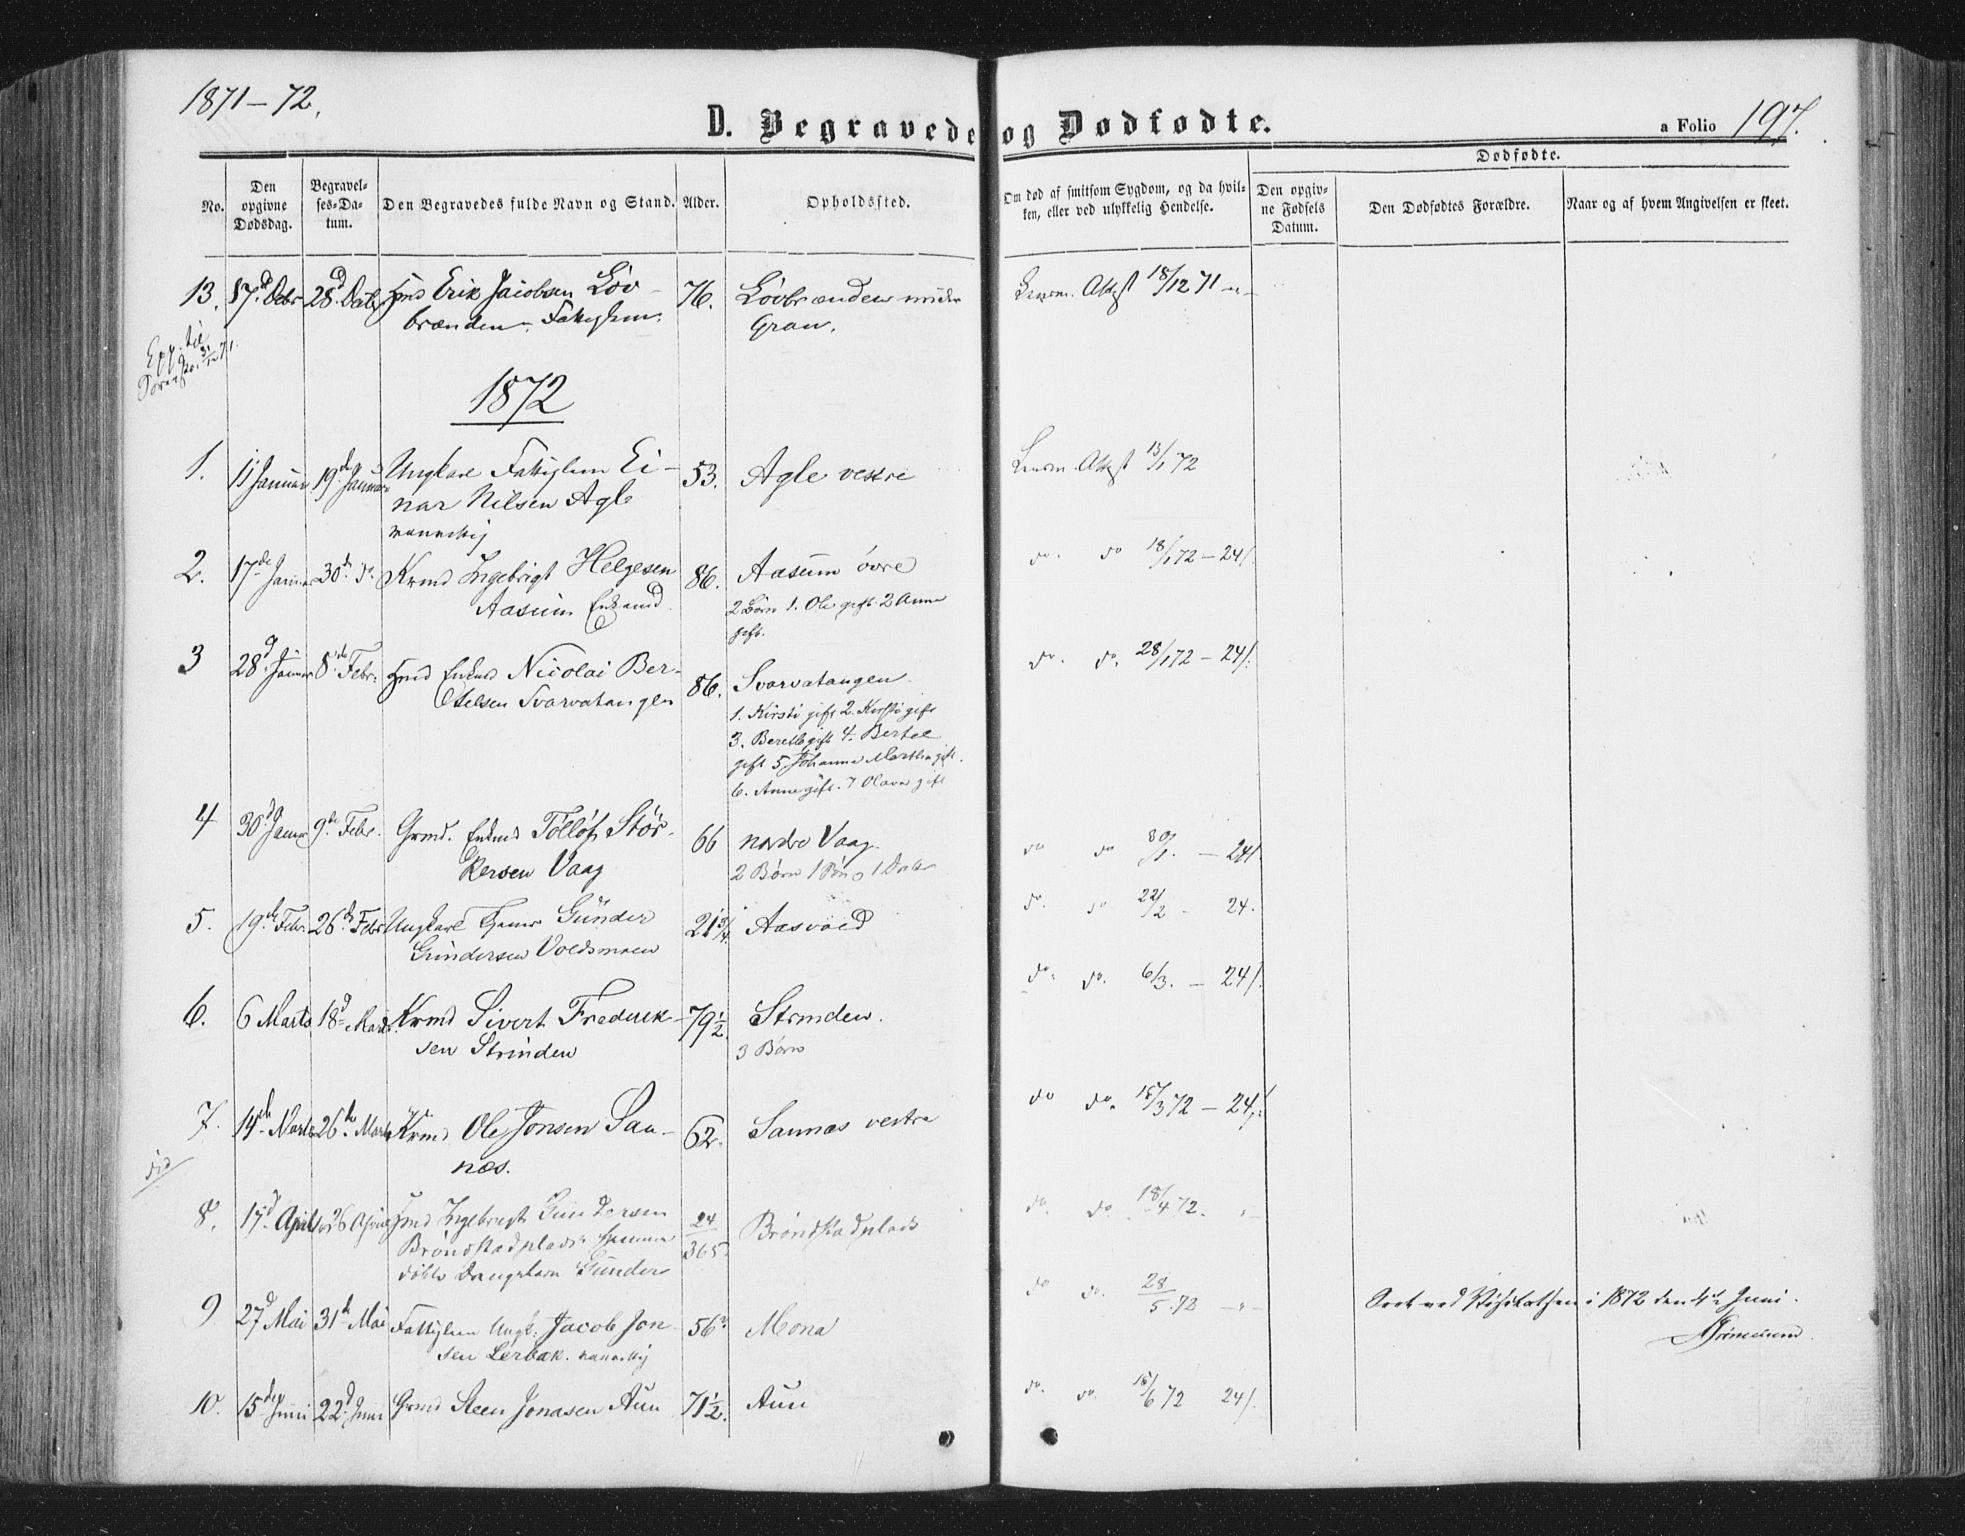 SAT, Ministerialprotokoller, klokkerbøker og fødselsregistre - Nord-Trøndelag, 749/L0472: Ministerialbok nr. 749A06, 1857-1873, s. 197